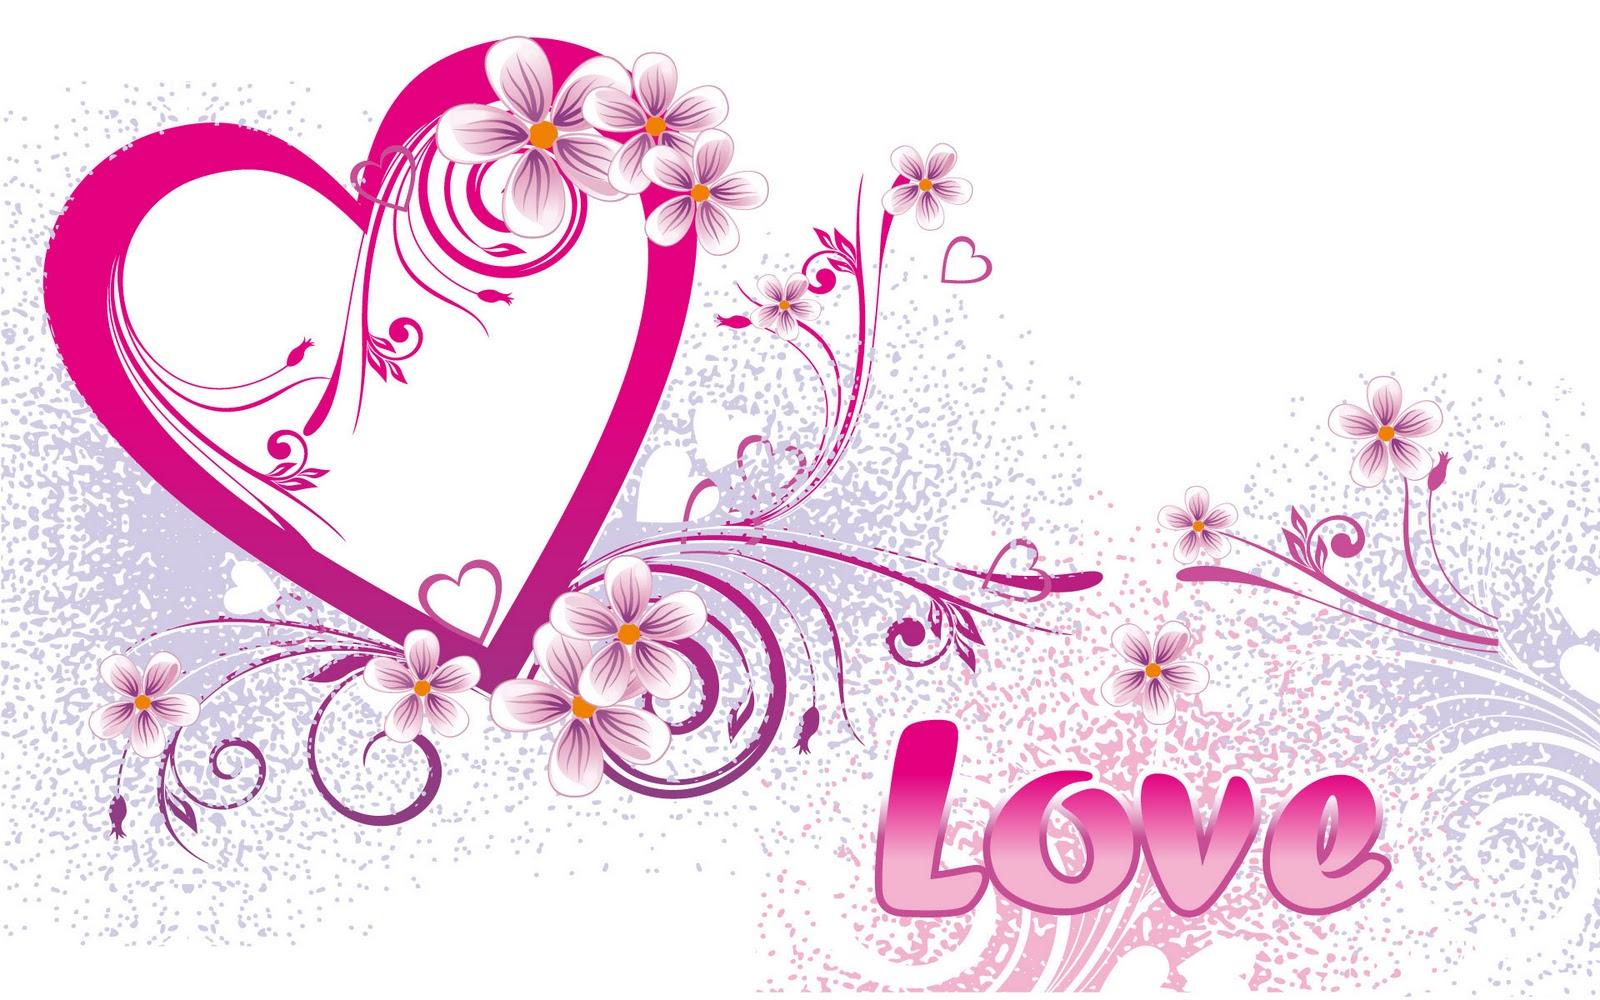 Liebe wallpaper bild